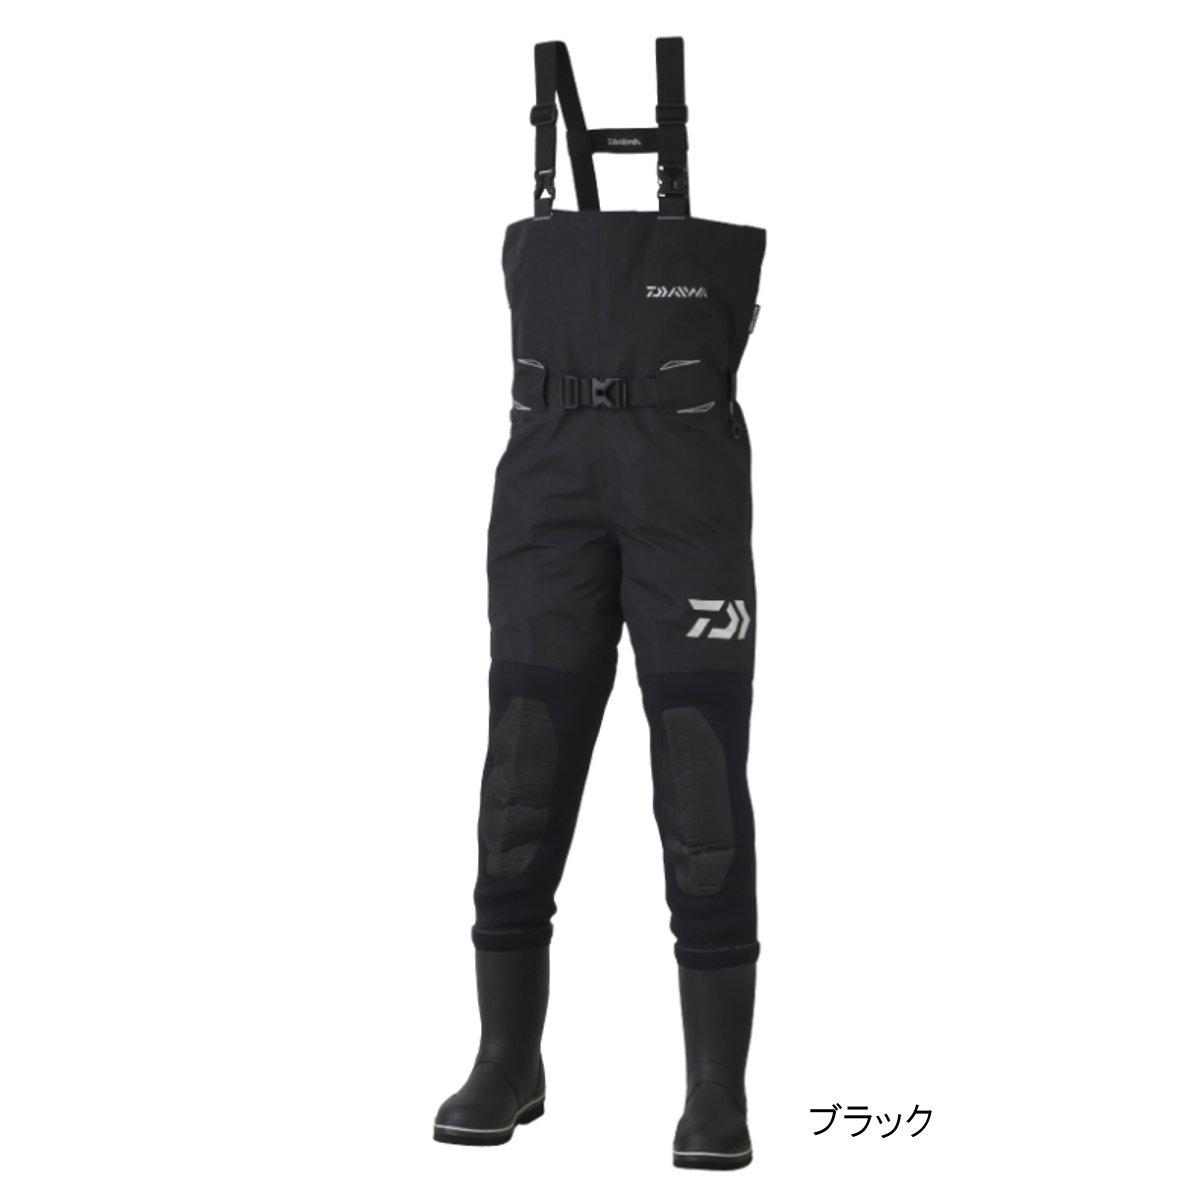 ダイワ タイトフィットスーパーブレスウェーダー SBW-4501BC-T M ブラック(東日本店)